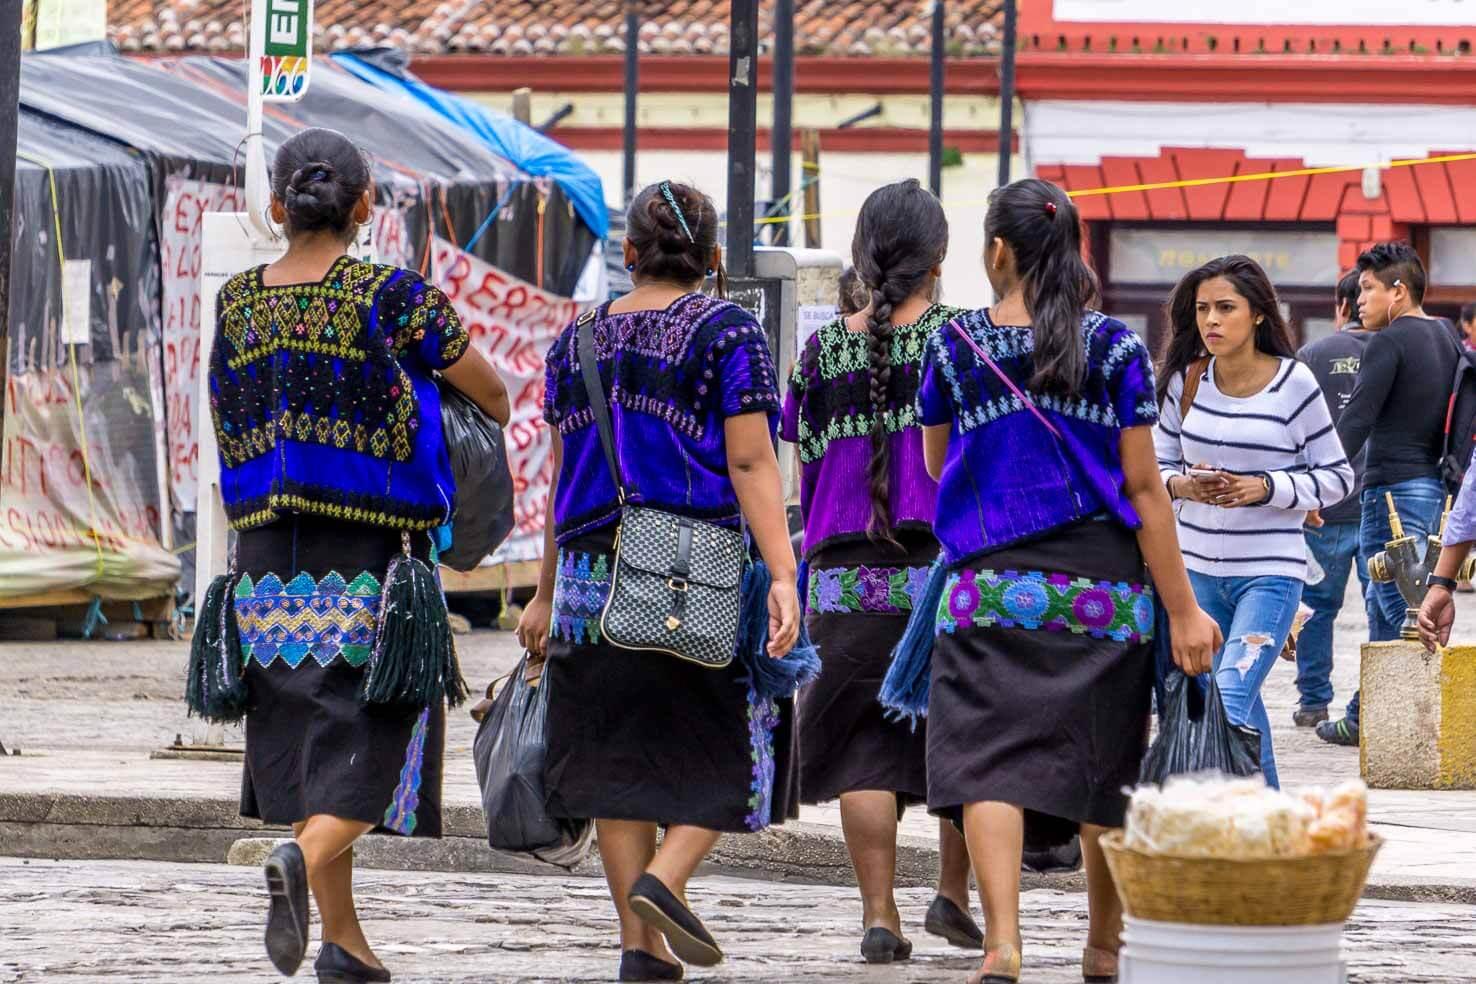 streets-of-san-cristobal-de-las-casas-mexico-2